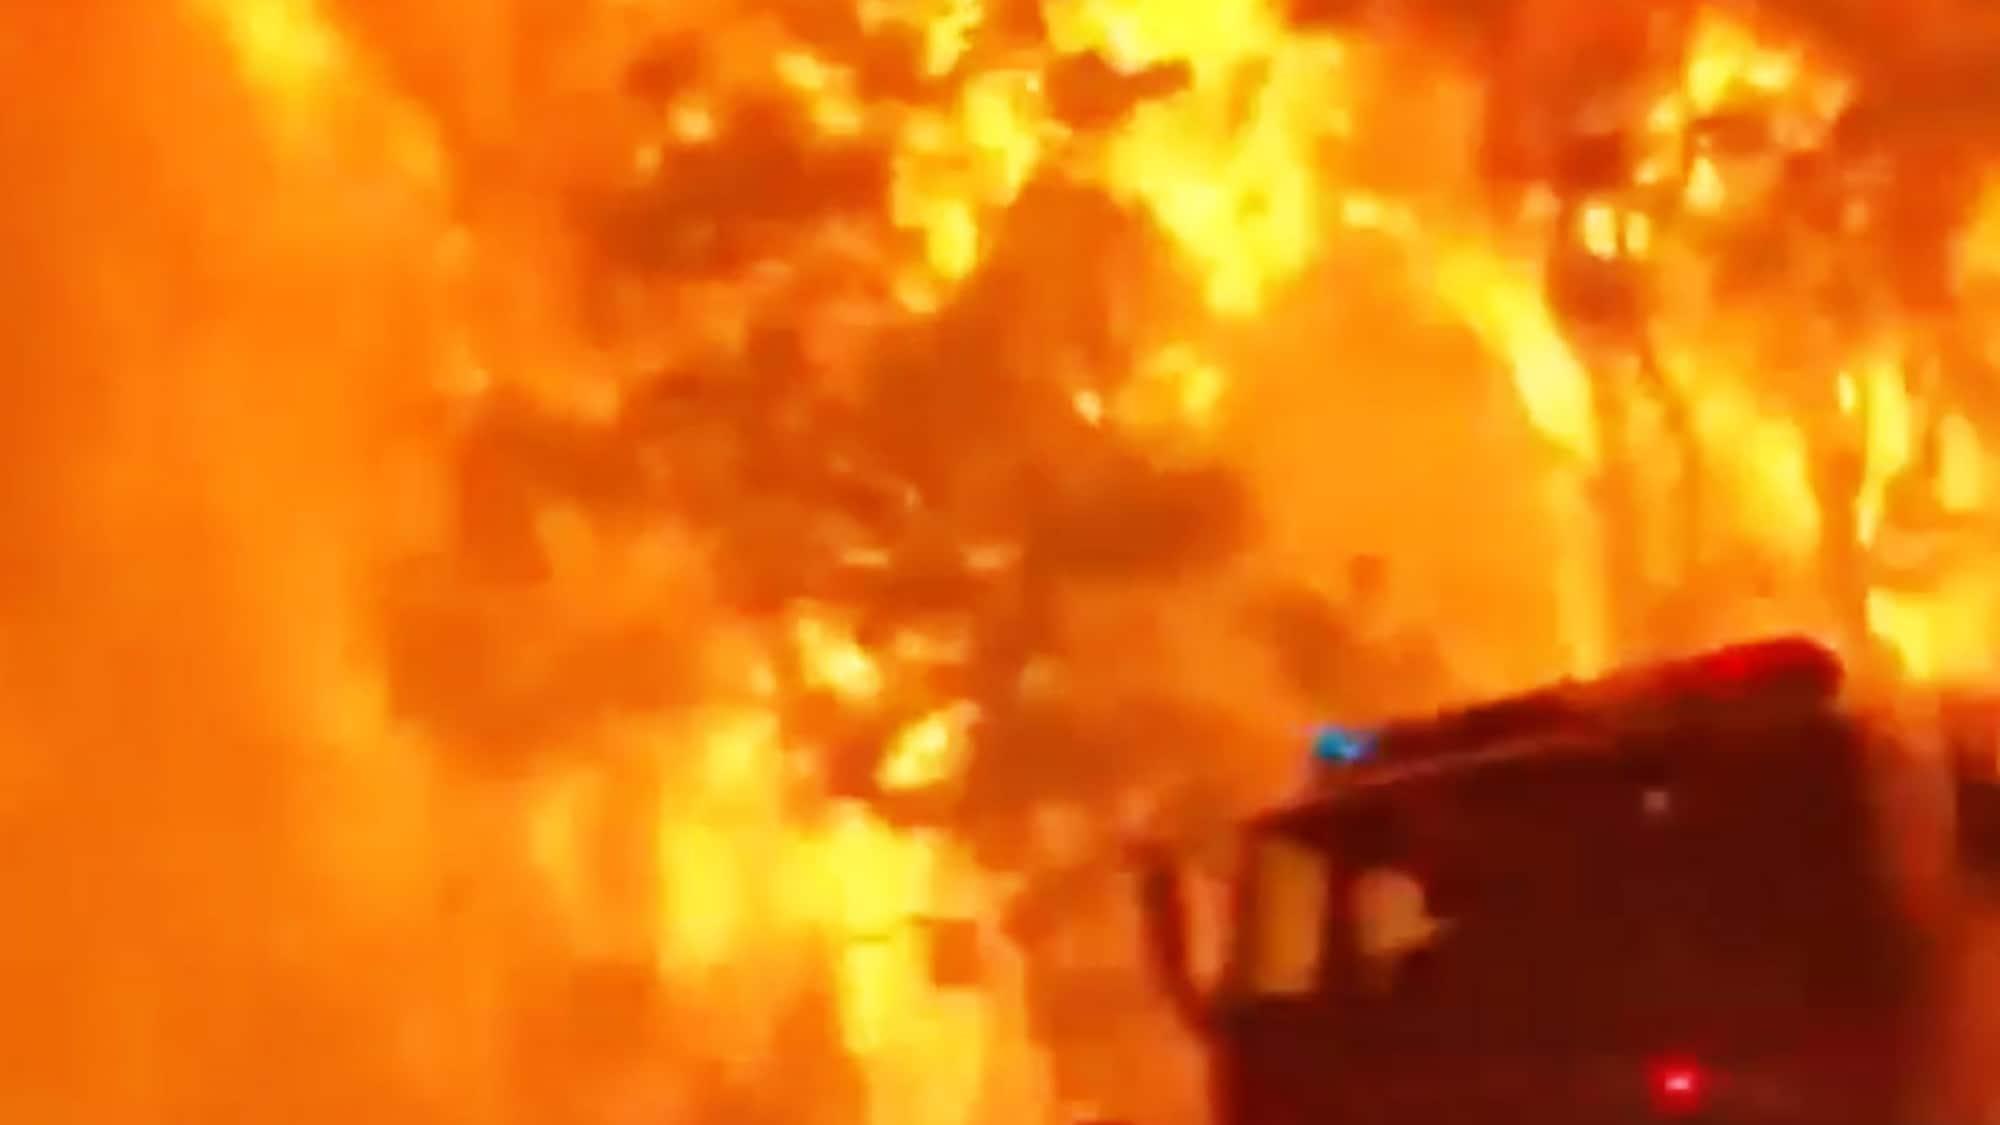 Kronenfeuer bei Sydney: Hier flieht die Feuerwehr vor dem Flammeninferno